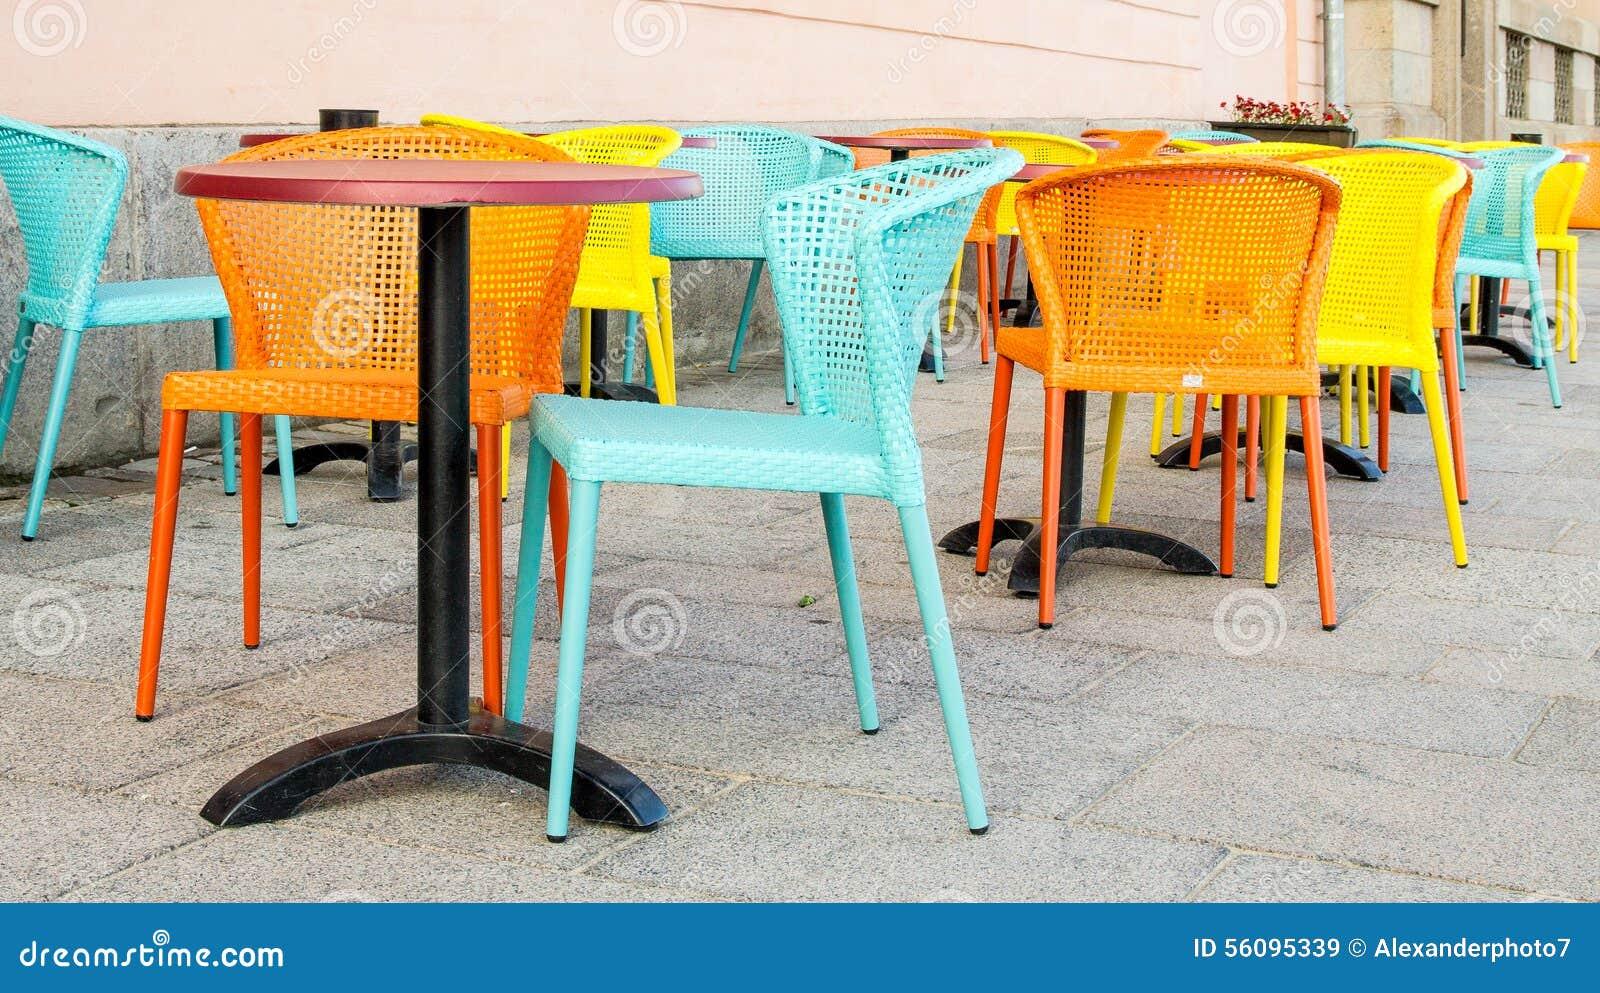 Pastell Farbige Stühle Auf Einem Straßencafé Stockbild Bild Von